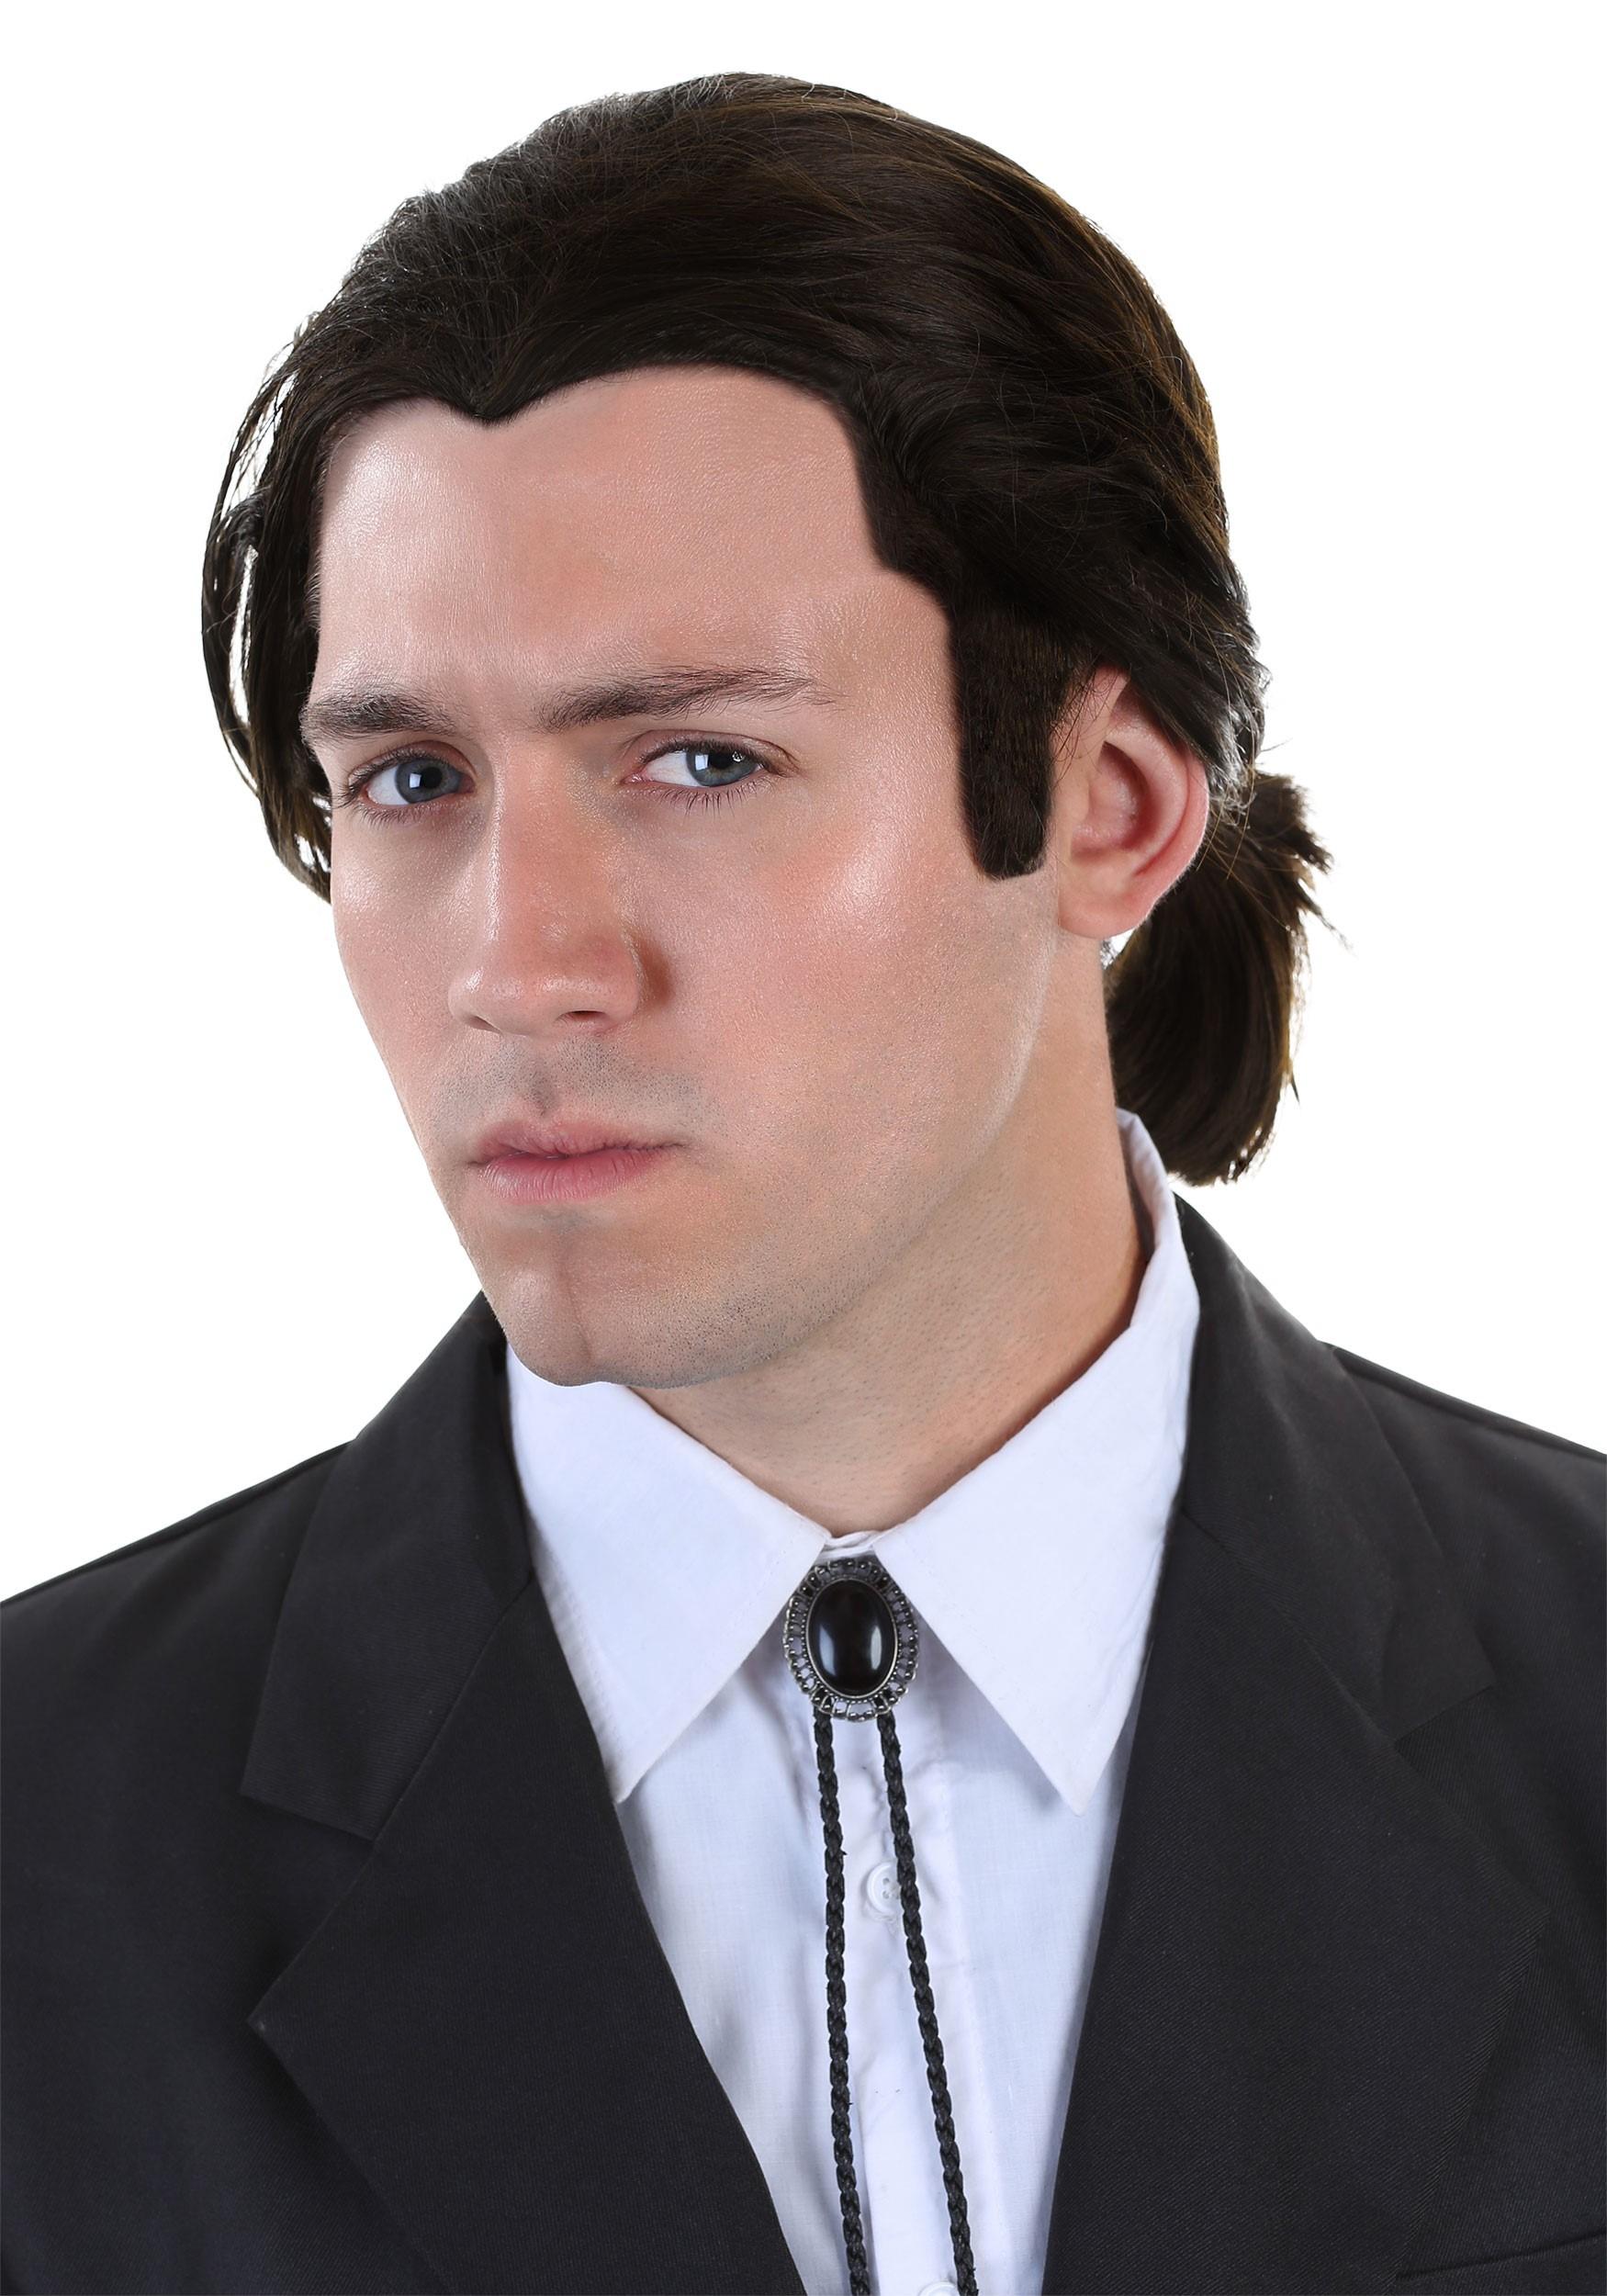 Pulp Fiction Vincent Vega Wig and Bolo Tie Set